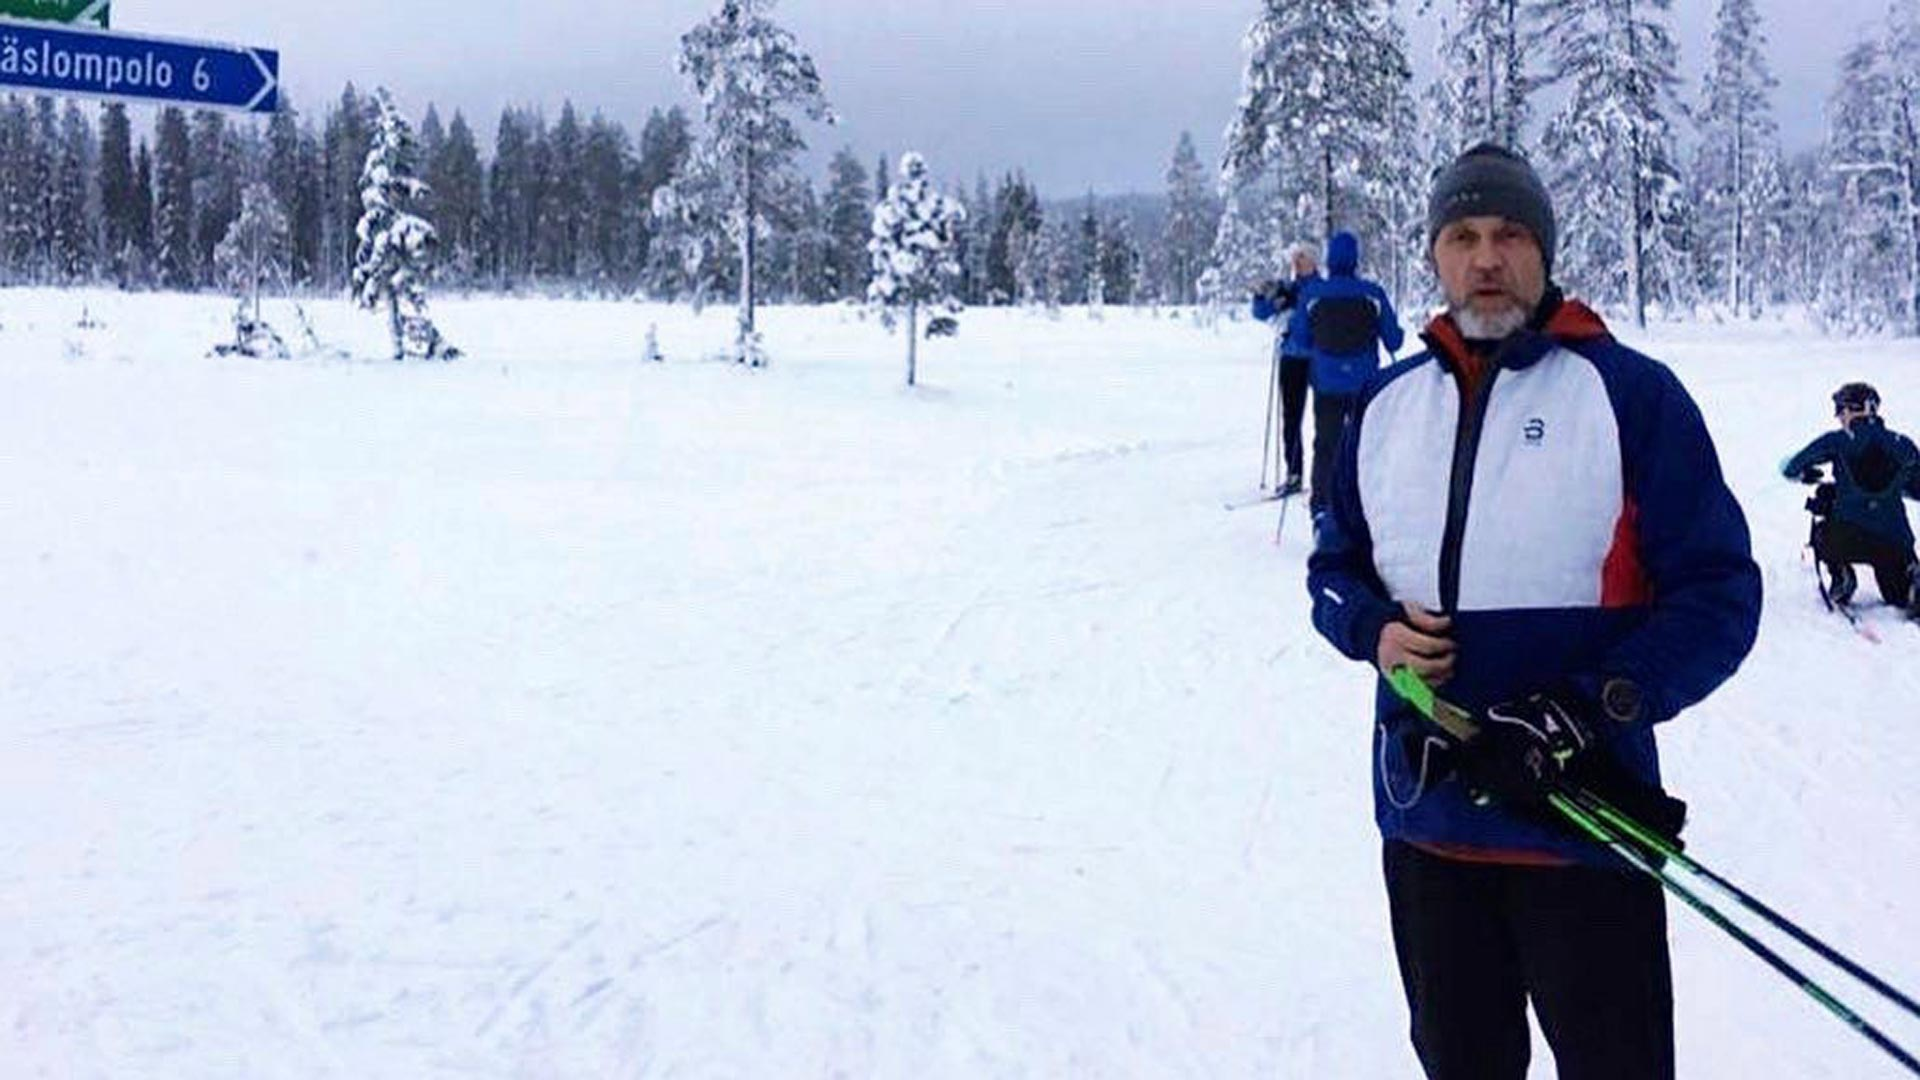 Jari Sarasvuo oli joulukuun lopussa hiihtomatkalla Äkäslompolossa. Laduilta hän kertoi hakevansa voimia kiireiseen työkevääseen.